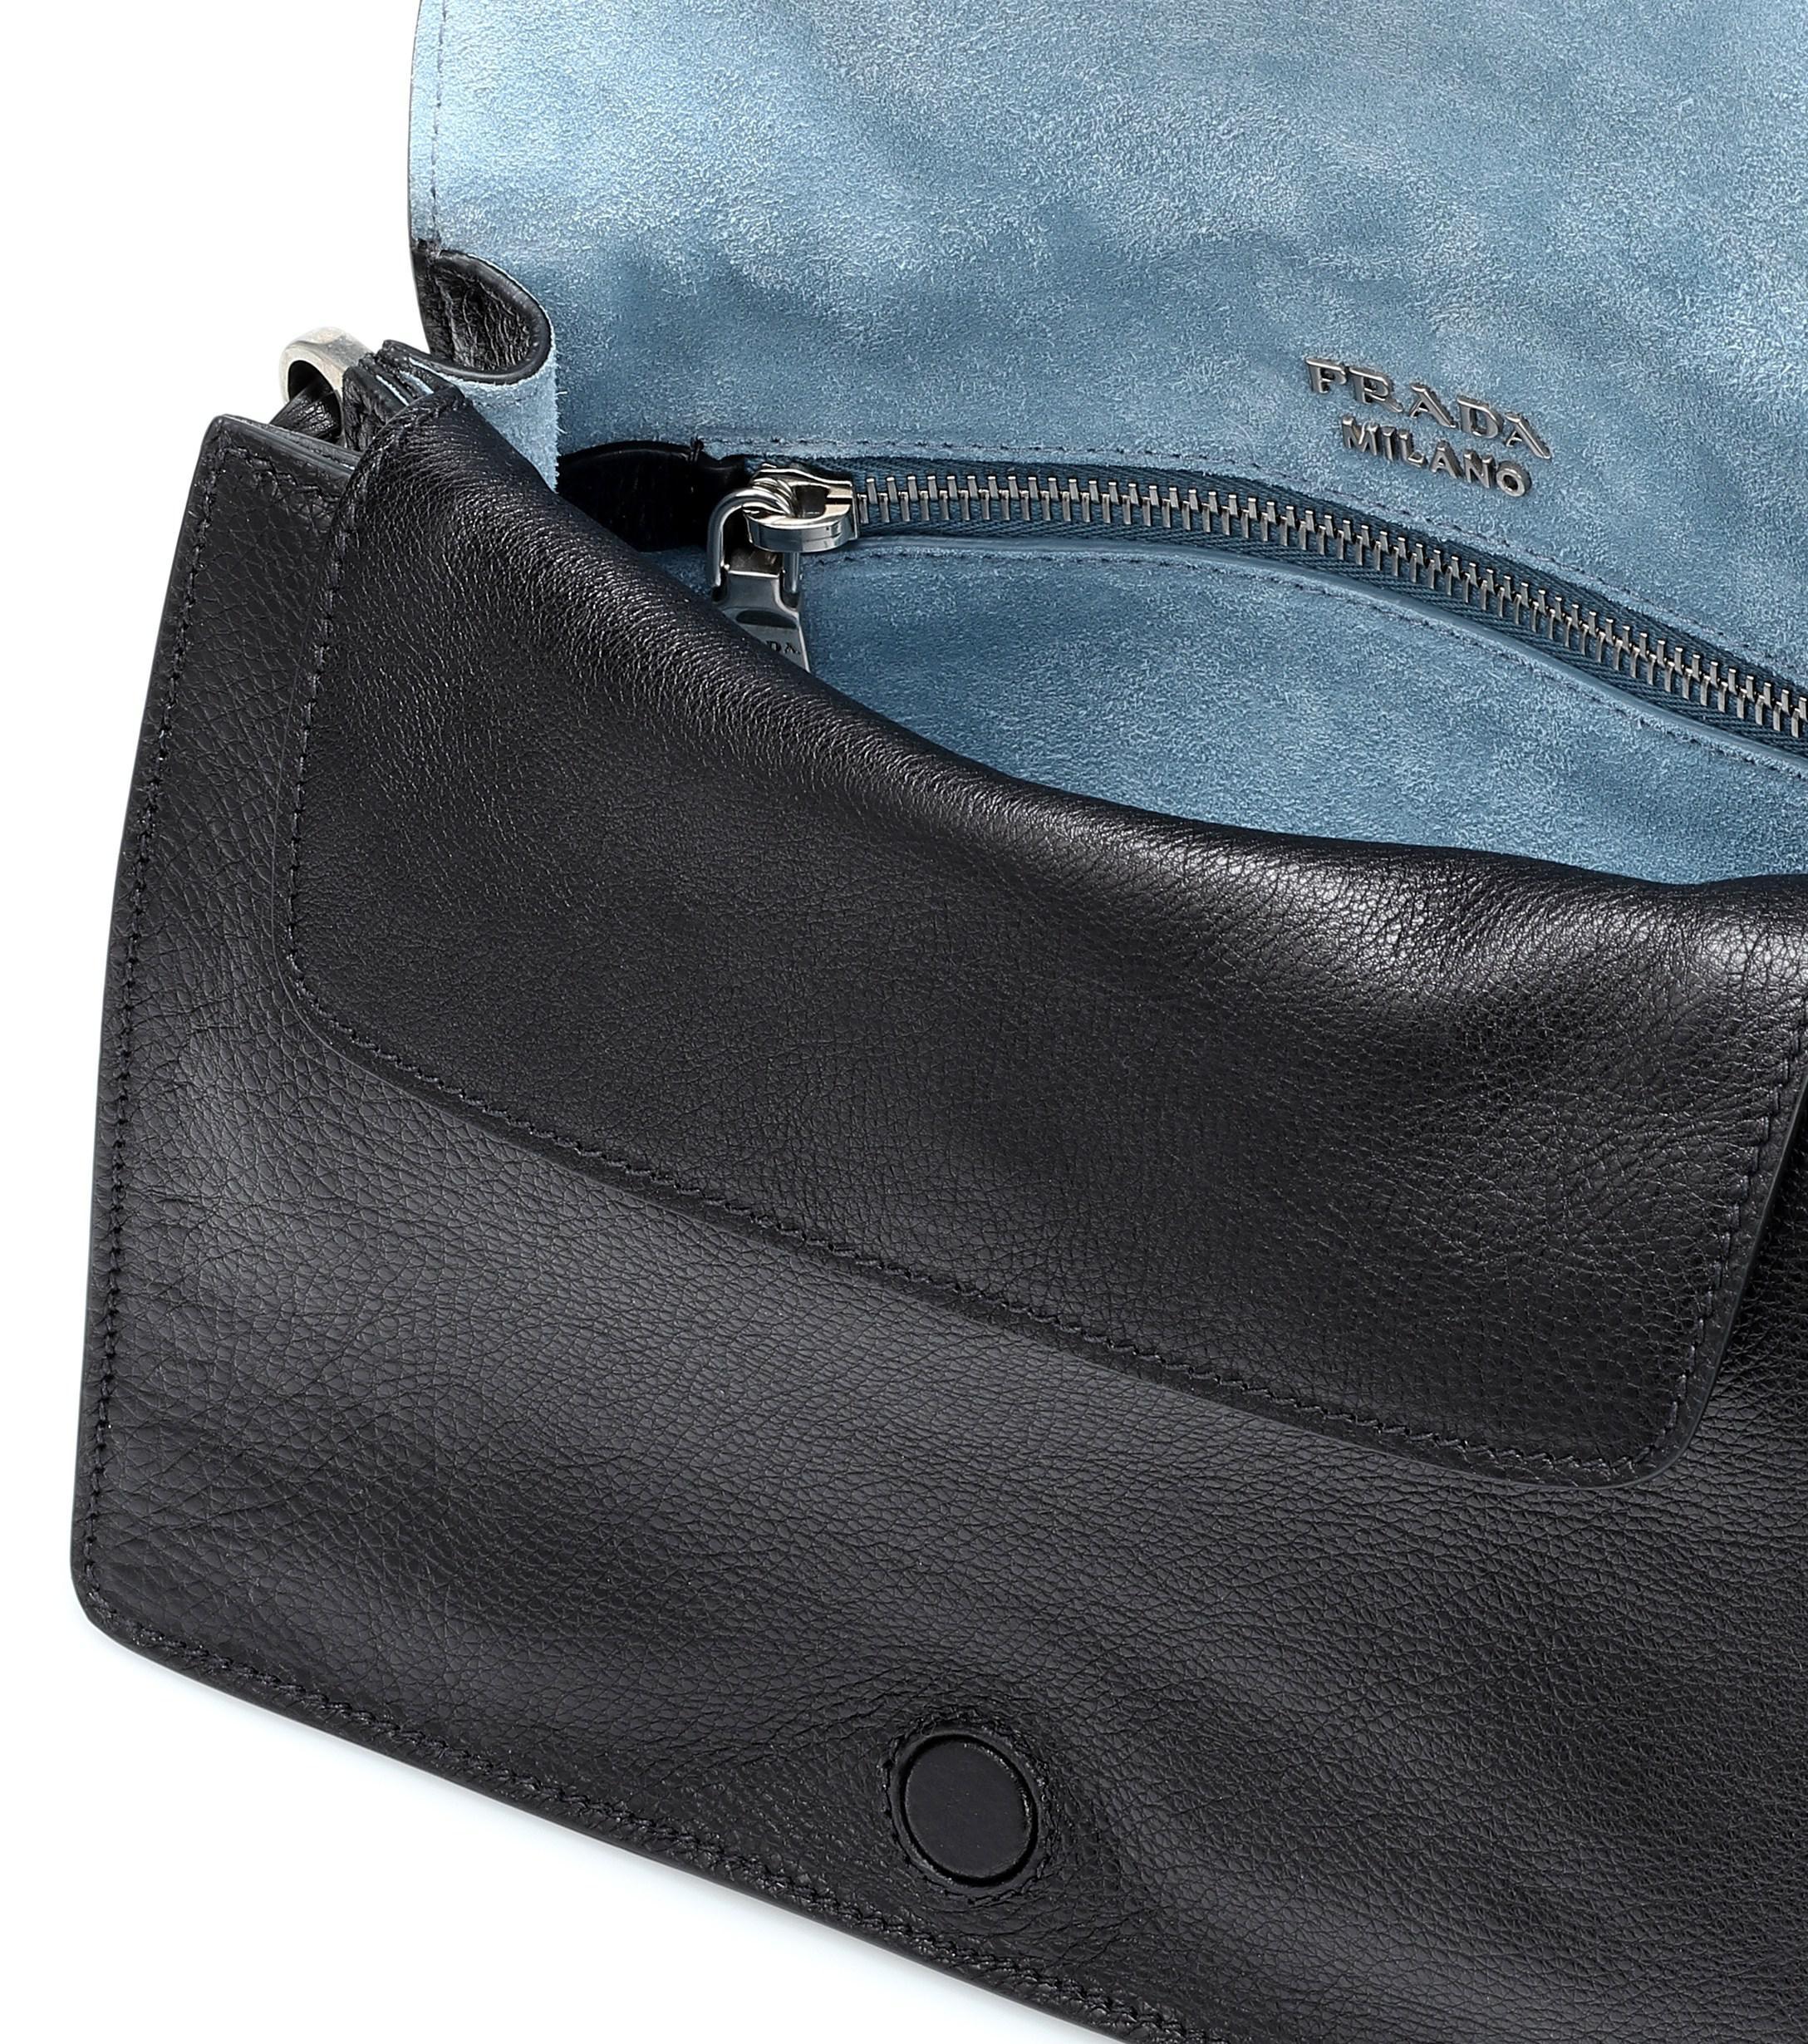 681d363d334d Prada - Black Embellished Leather Shoulder Bag - Lyst. View fullscreen